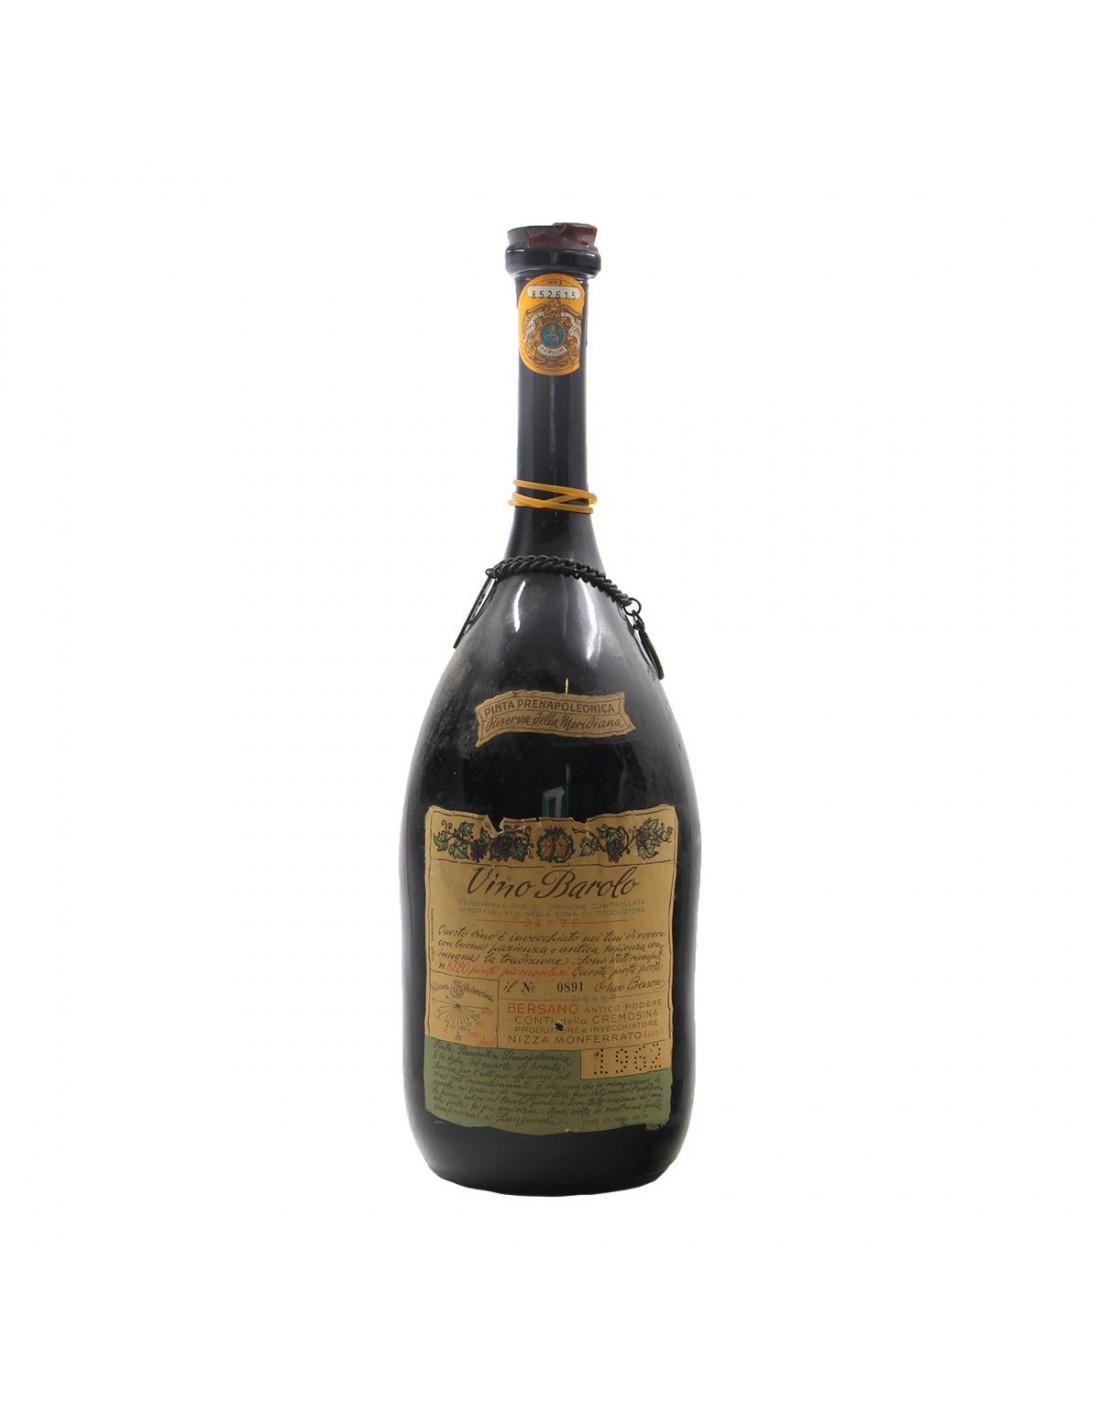 Barolo Riserva Della Meridiana 1.5 L 1962 BERSANO GRANDI